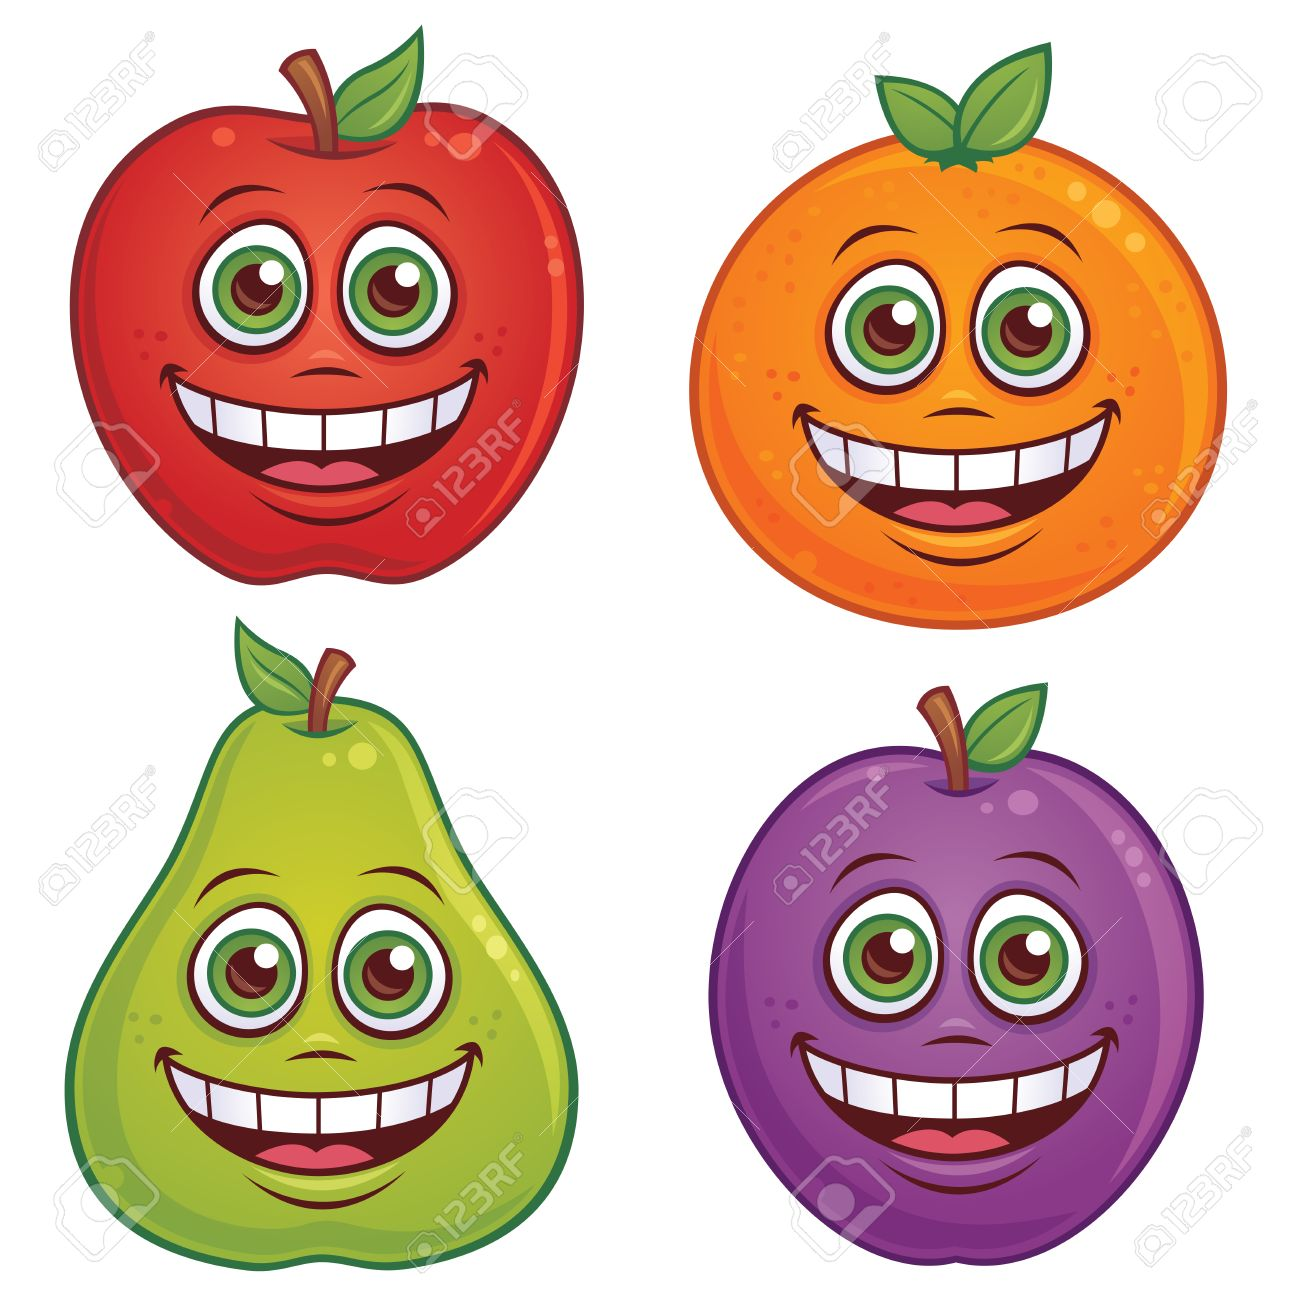 Рисунки овощи и фрукты с лицами